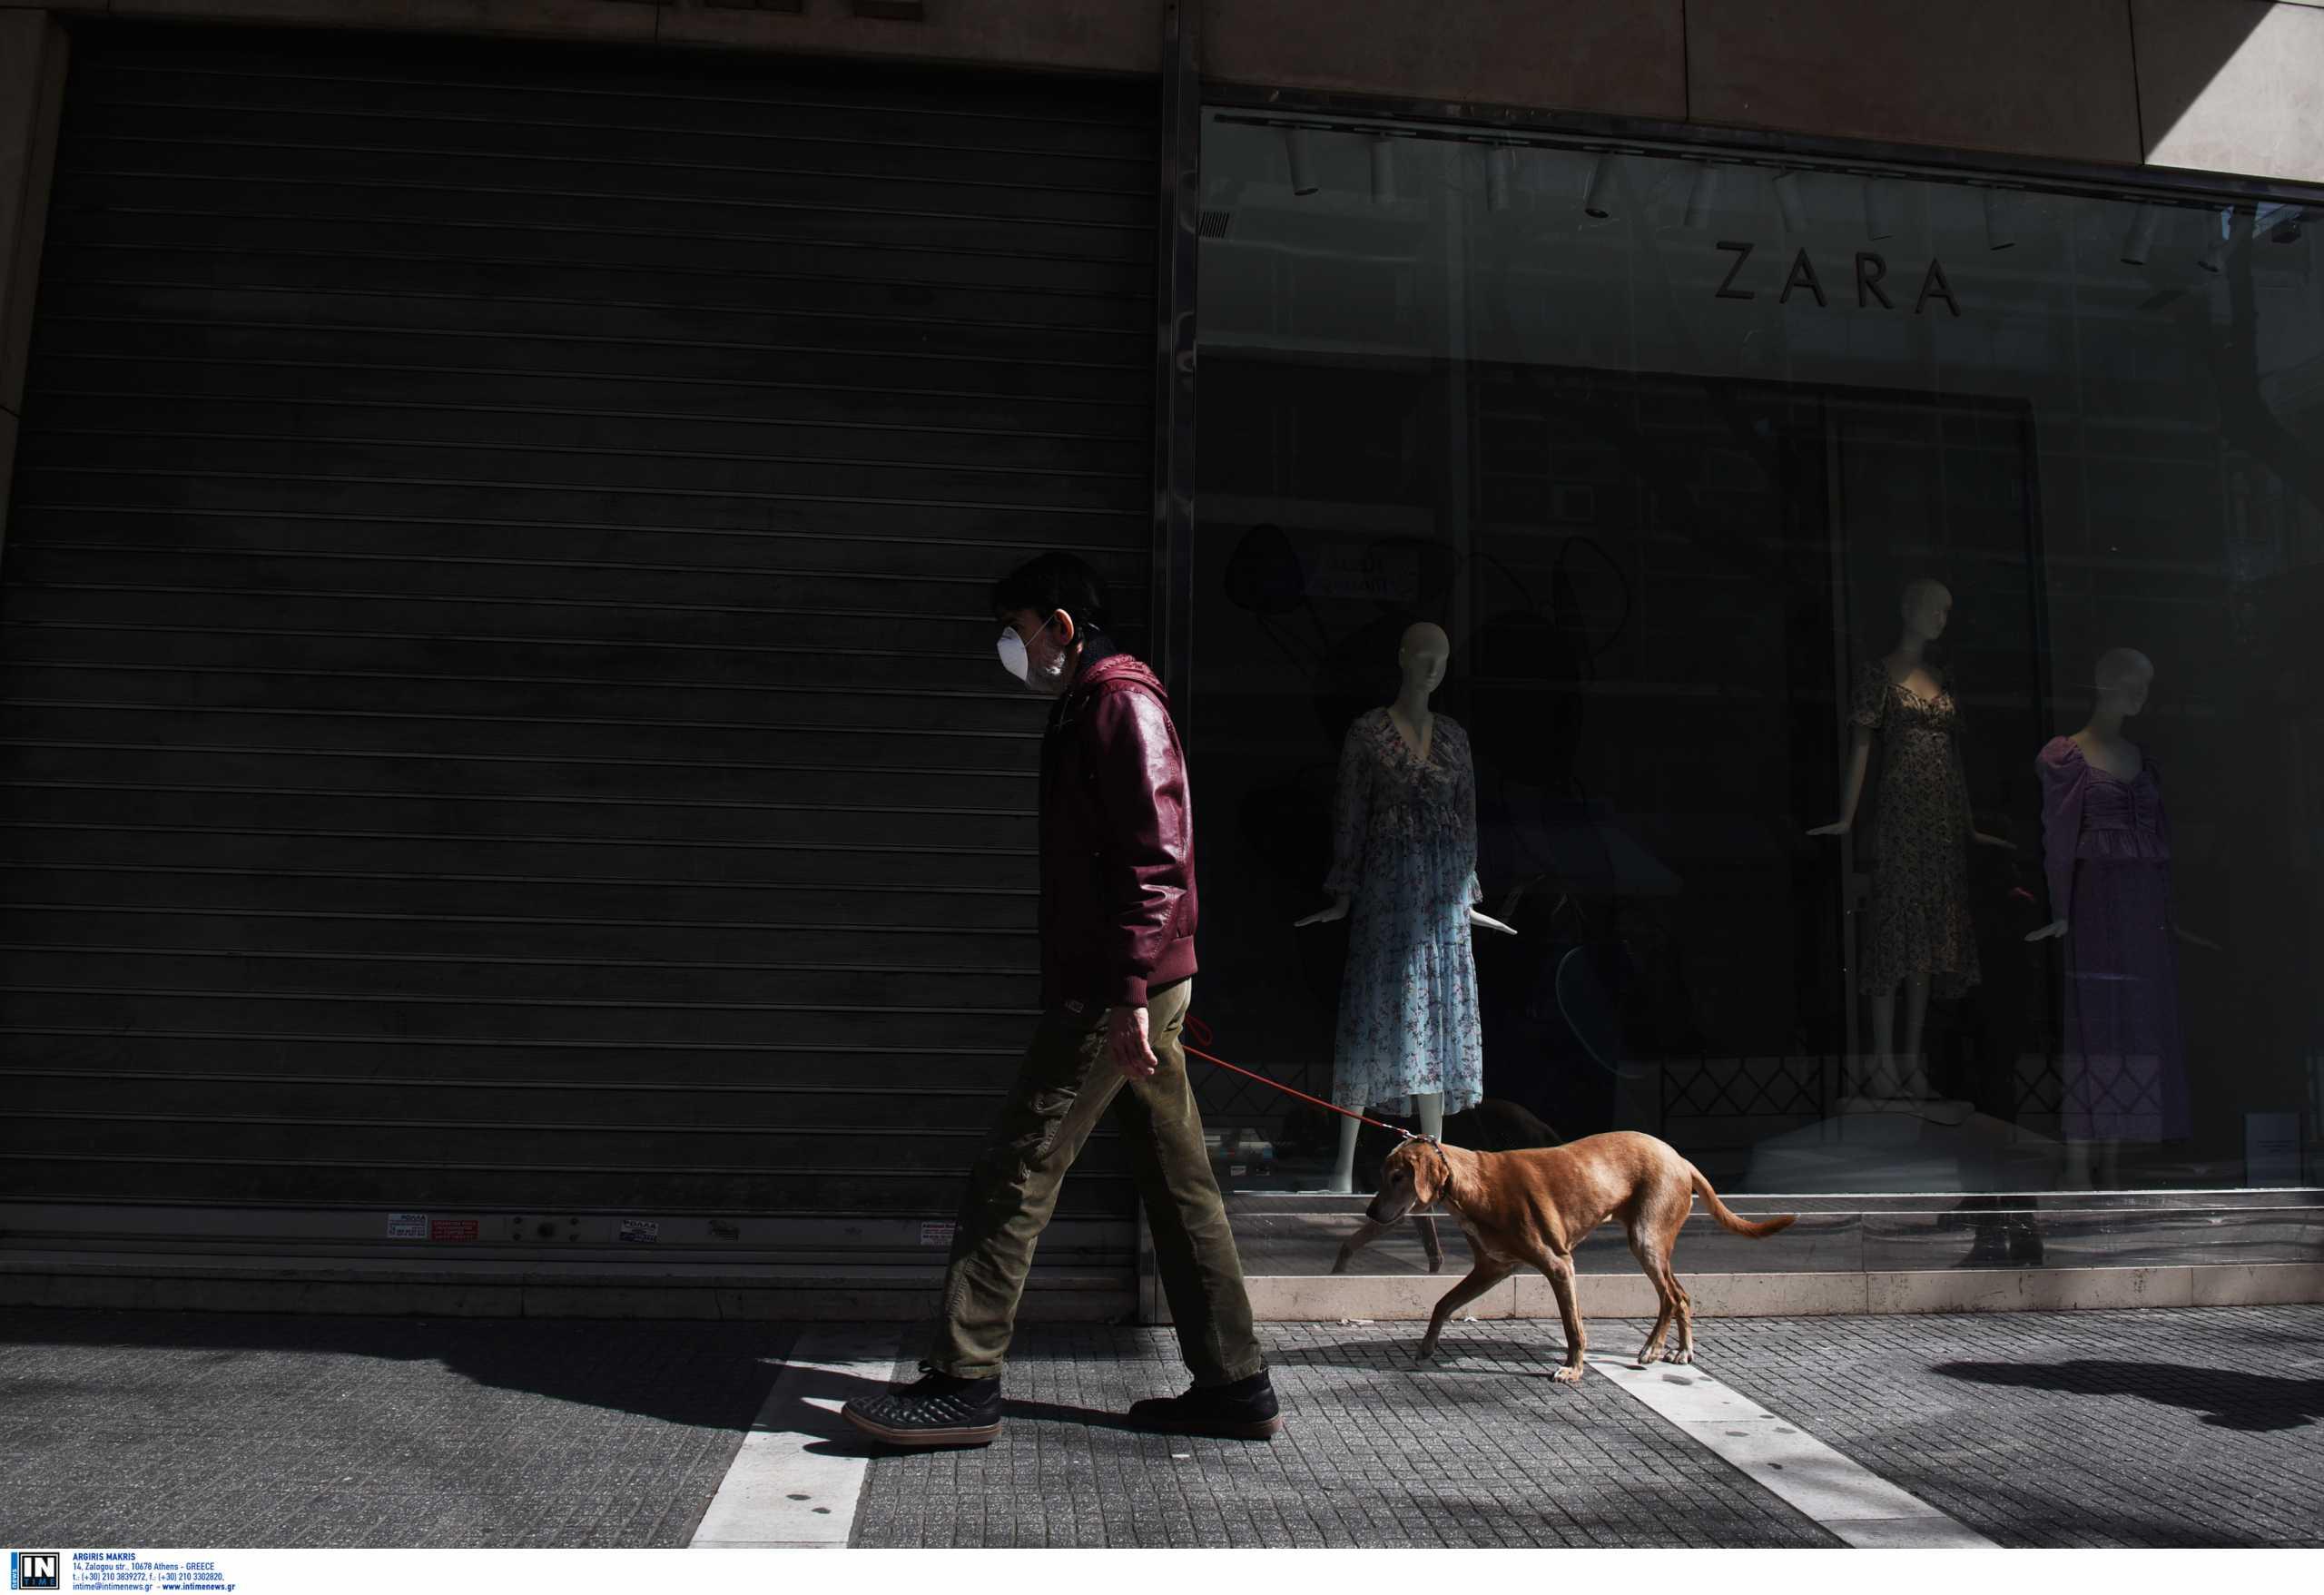 Λιανεμπόριο: Αυτά τα καταστήματα λειτουργούν σε Θεσσαλονίκη, Αχαΐα και Κοζάνη